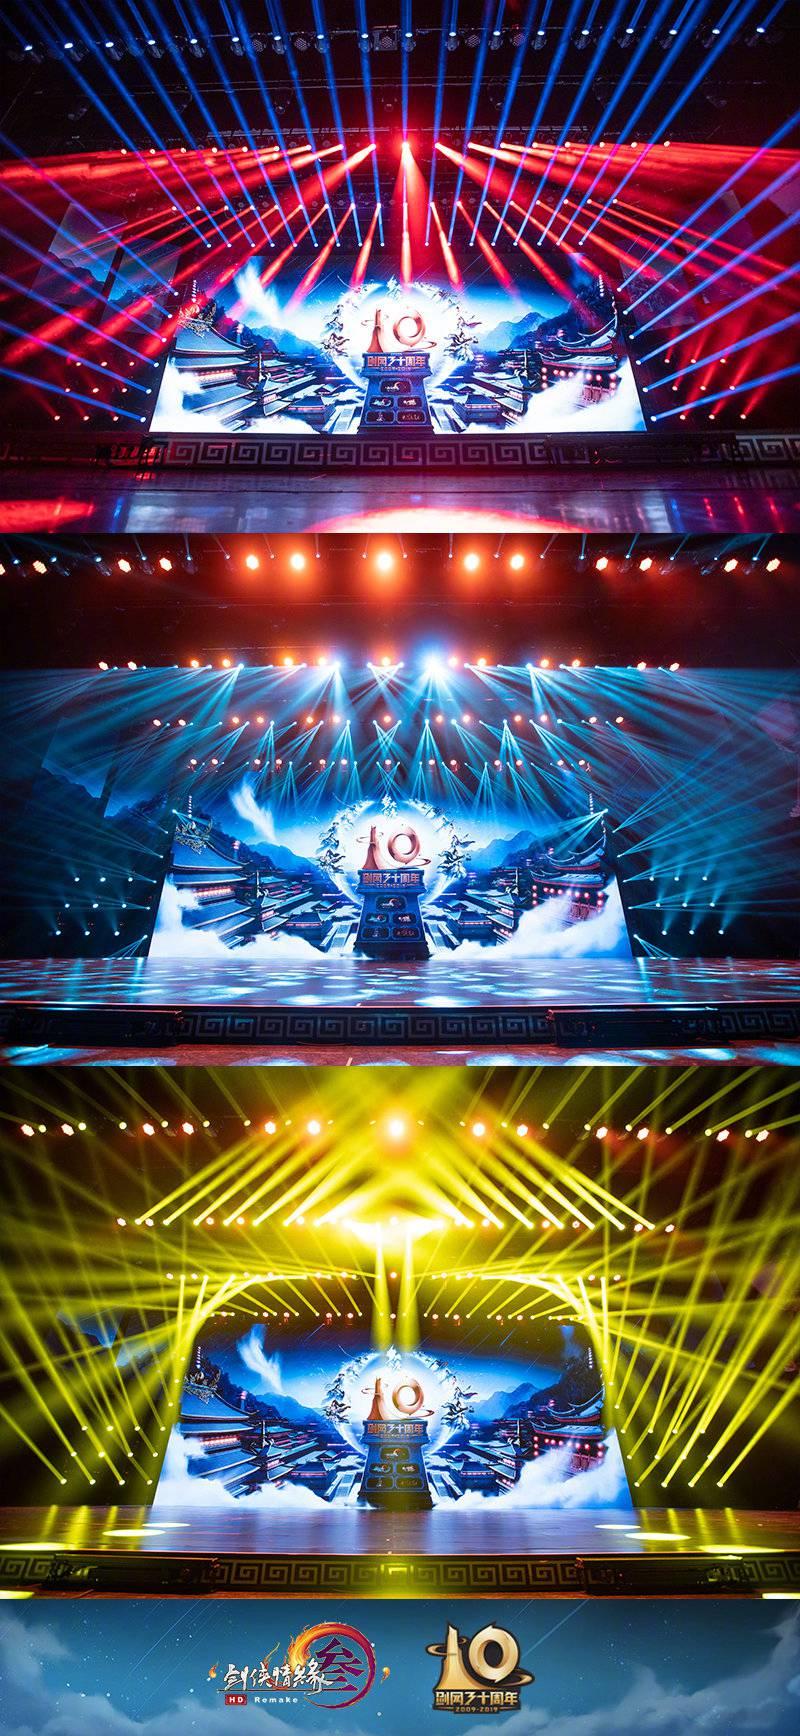 《剑网3》十周年发布会今晚开幕 纪念视频全网首映